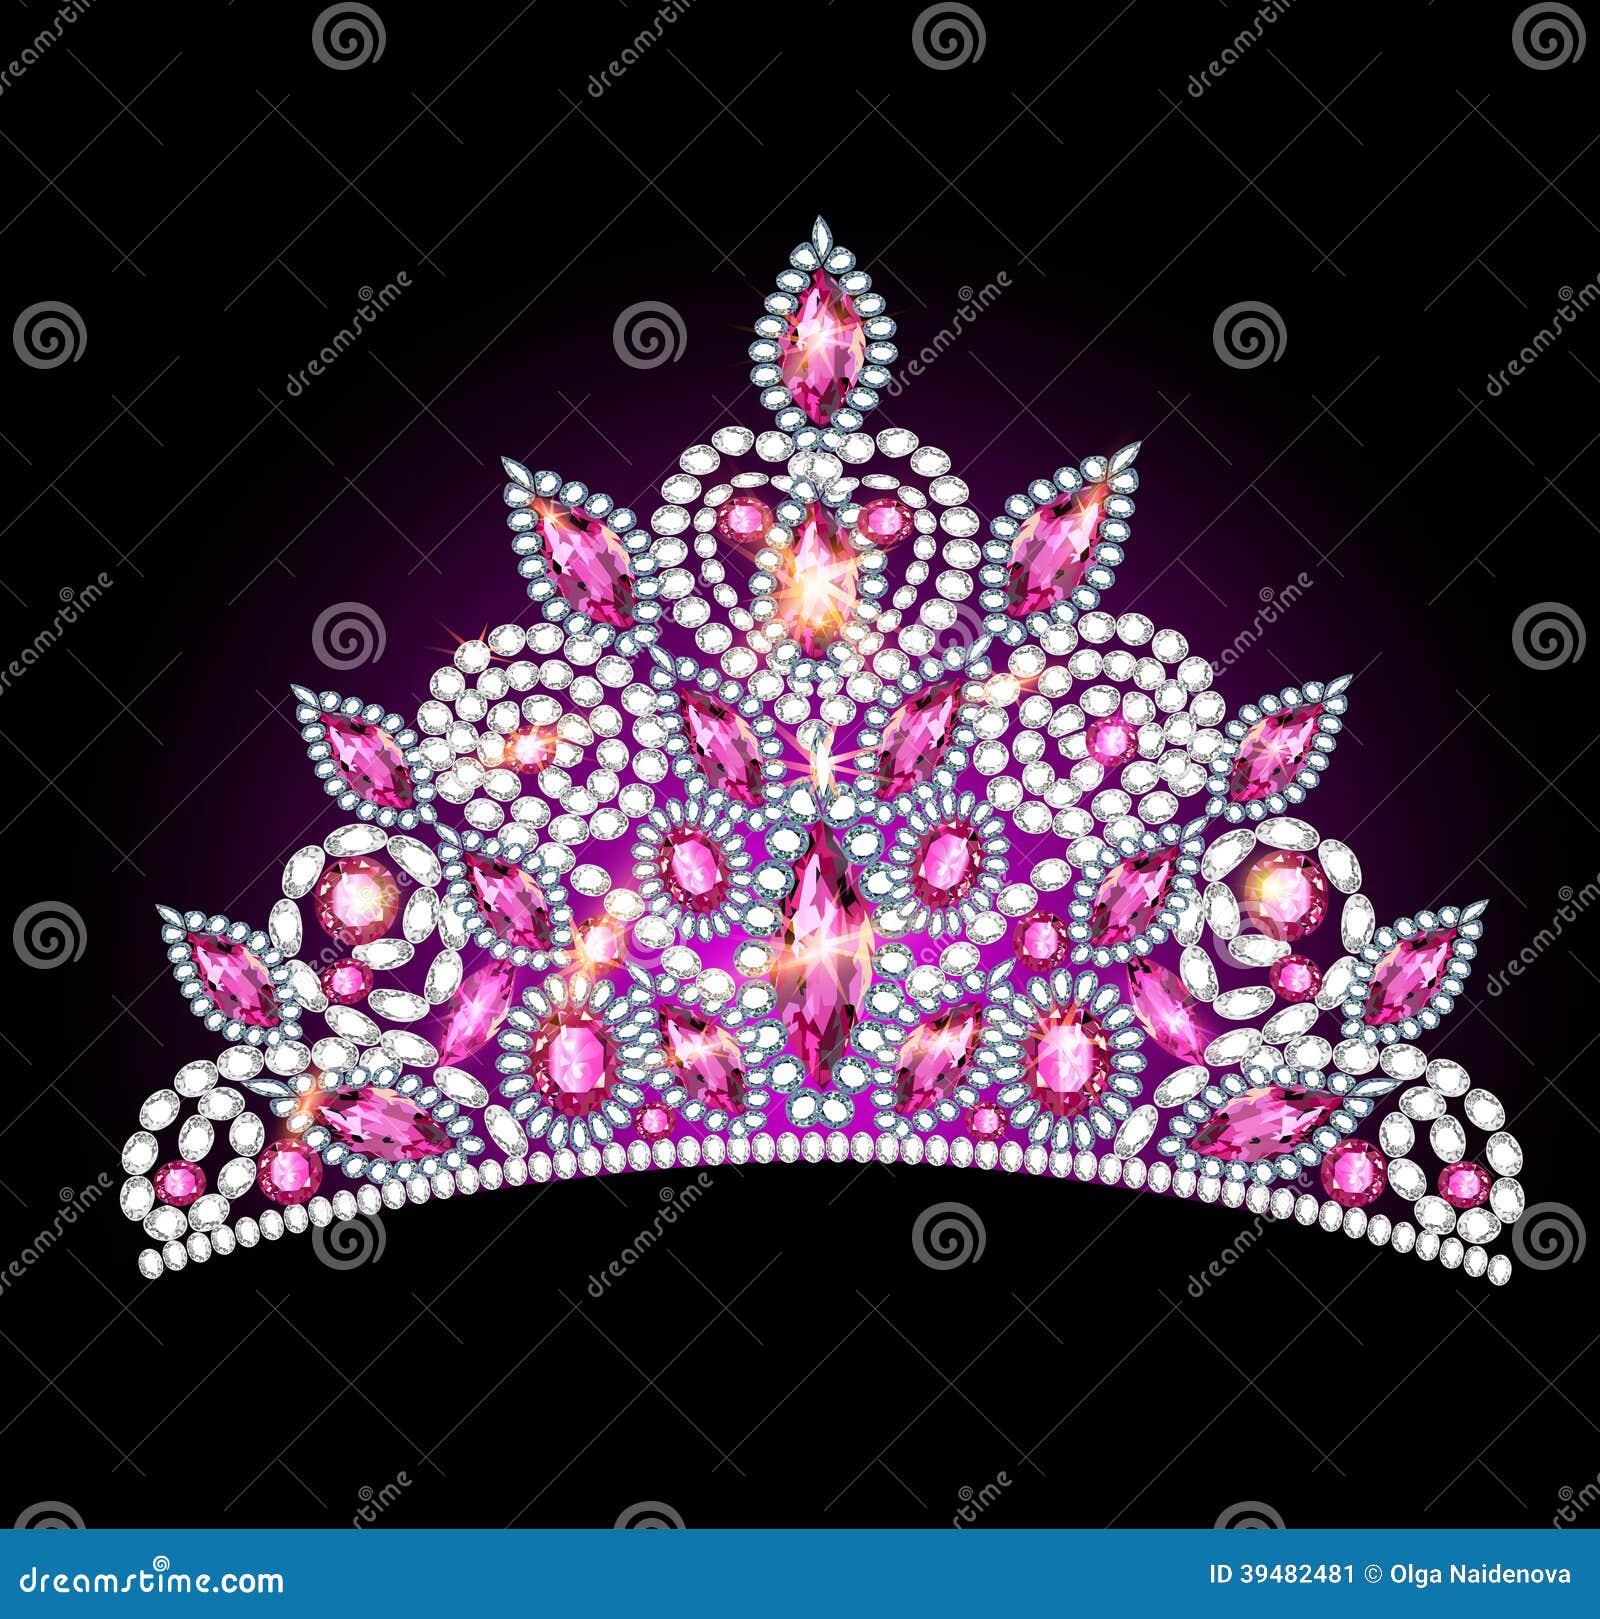 Crown tiara women with pink gemstones